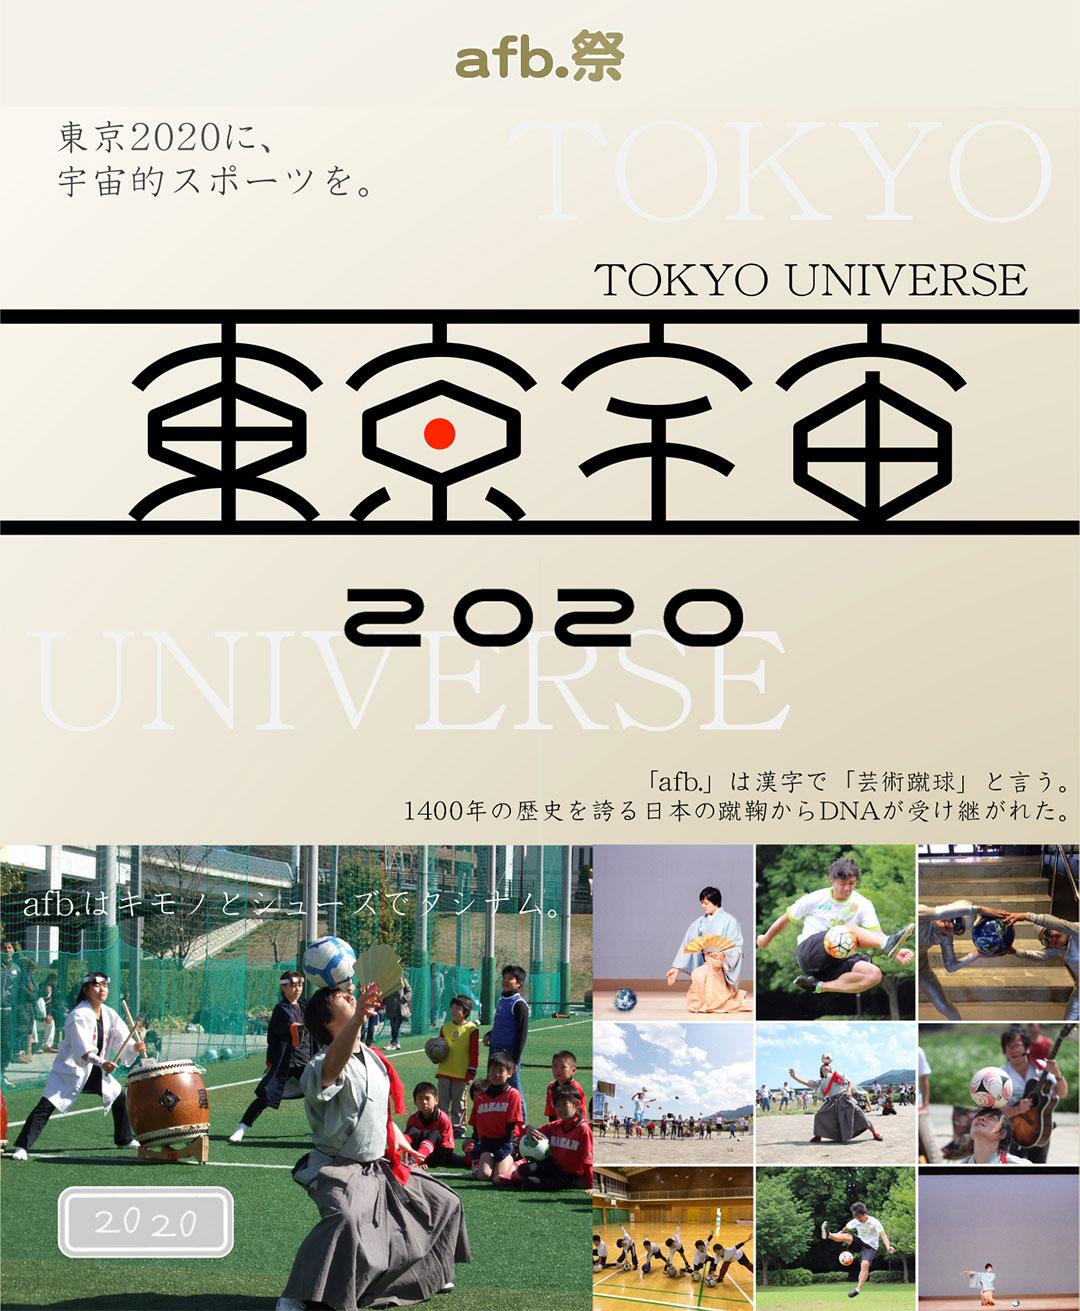 afb.祭|東京2020に、宇宙的スポーツを。|「afb.」は漢字で「芸術蹴球」と言う。1400年の歴史を誇る日本の蹴鞠からDNAが受け継がれた。|afb.はキモノとシューズでタシナム。